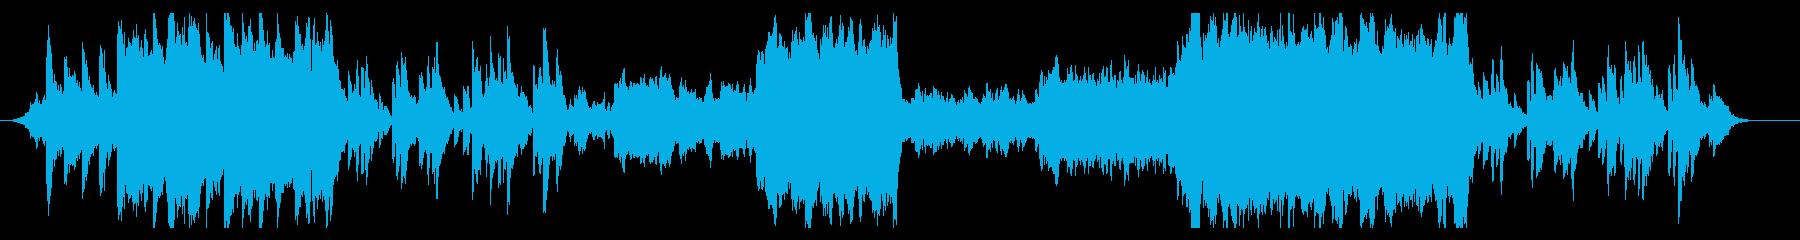 エモーショナルなエンディング風BGMの再生済みの波形